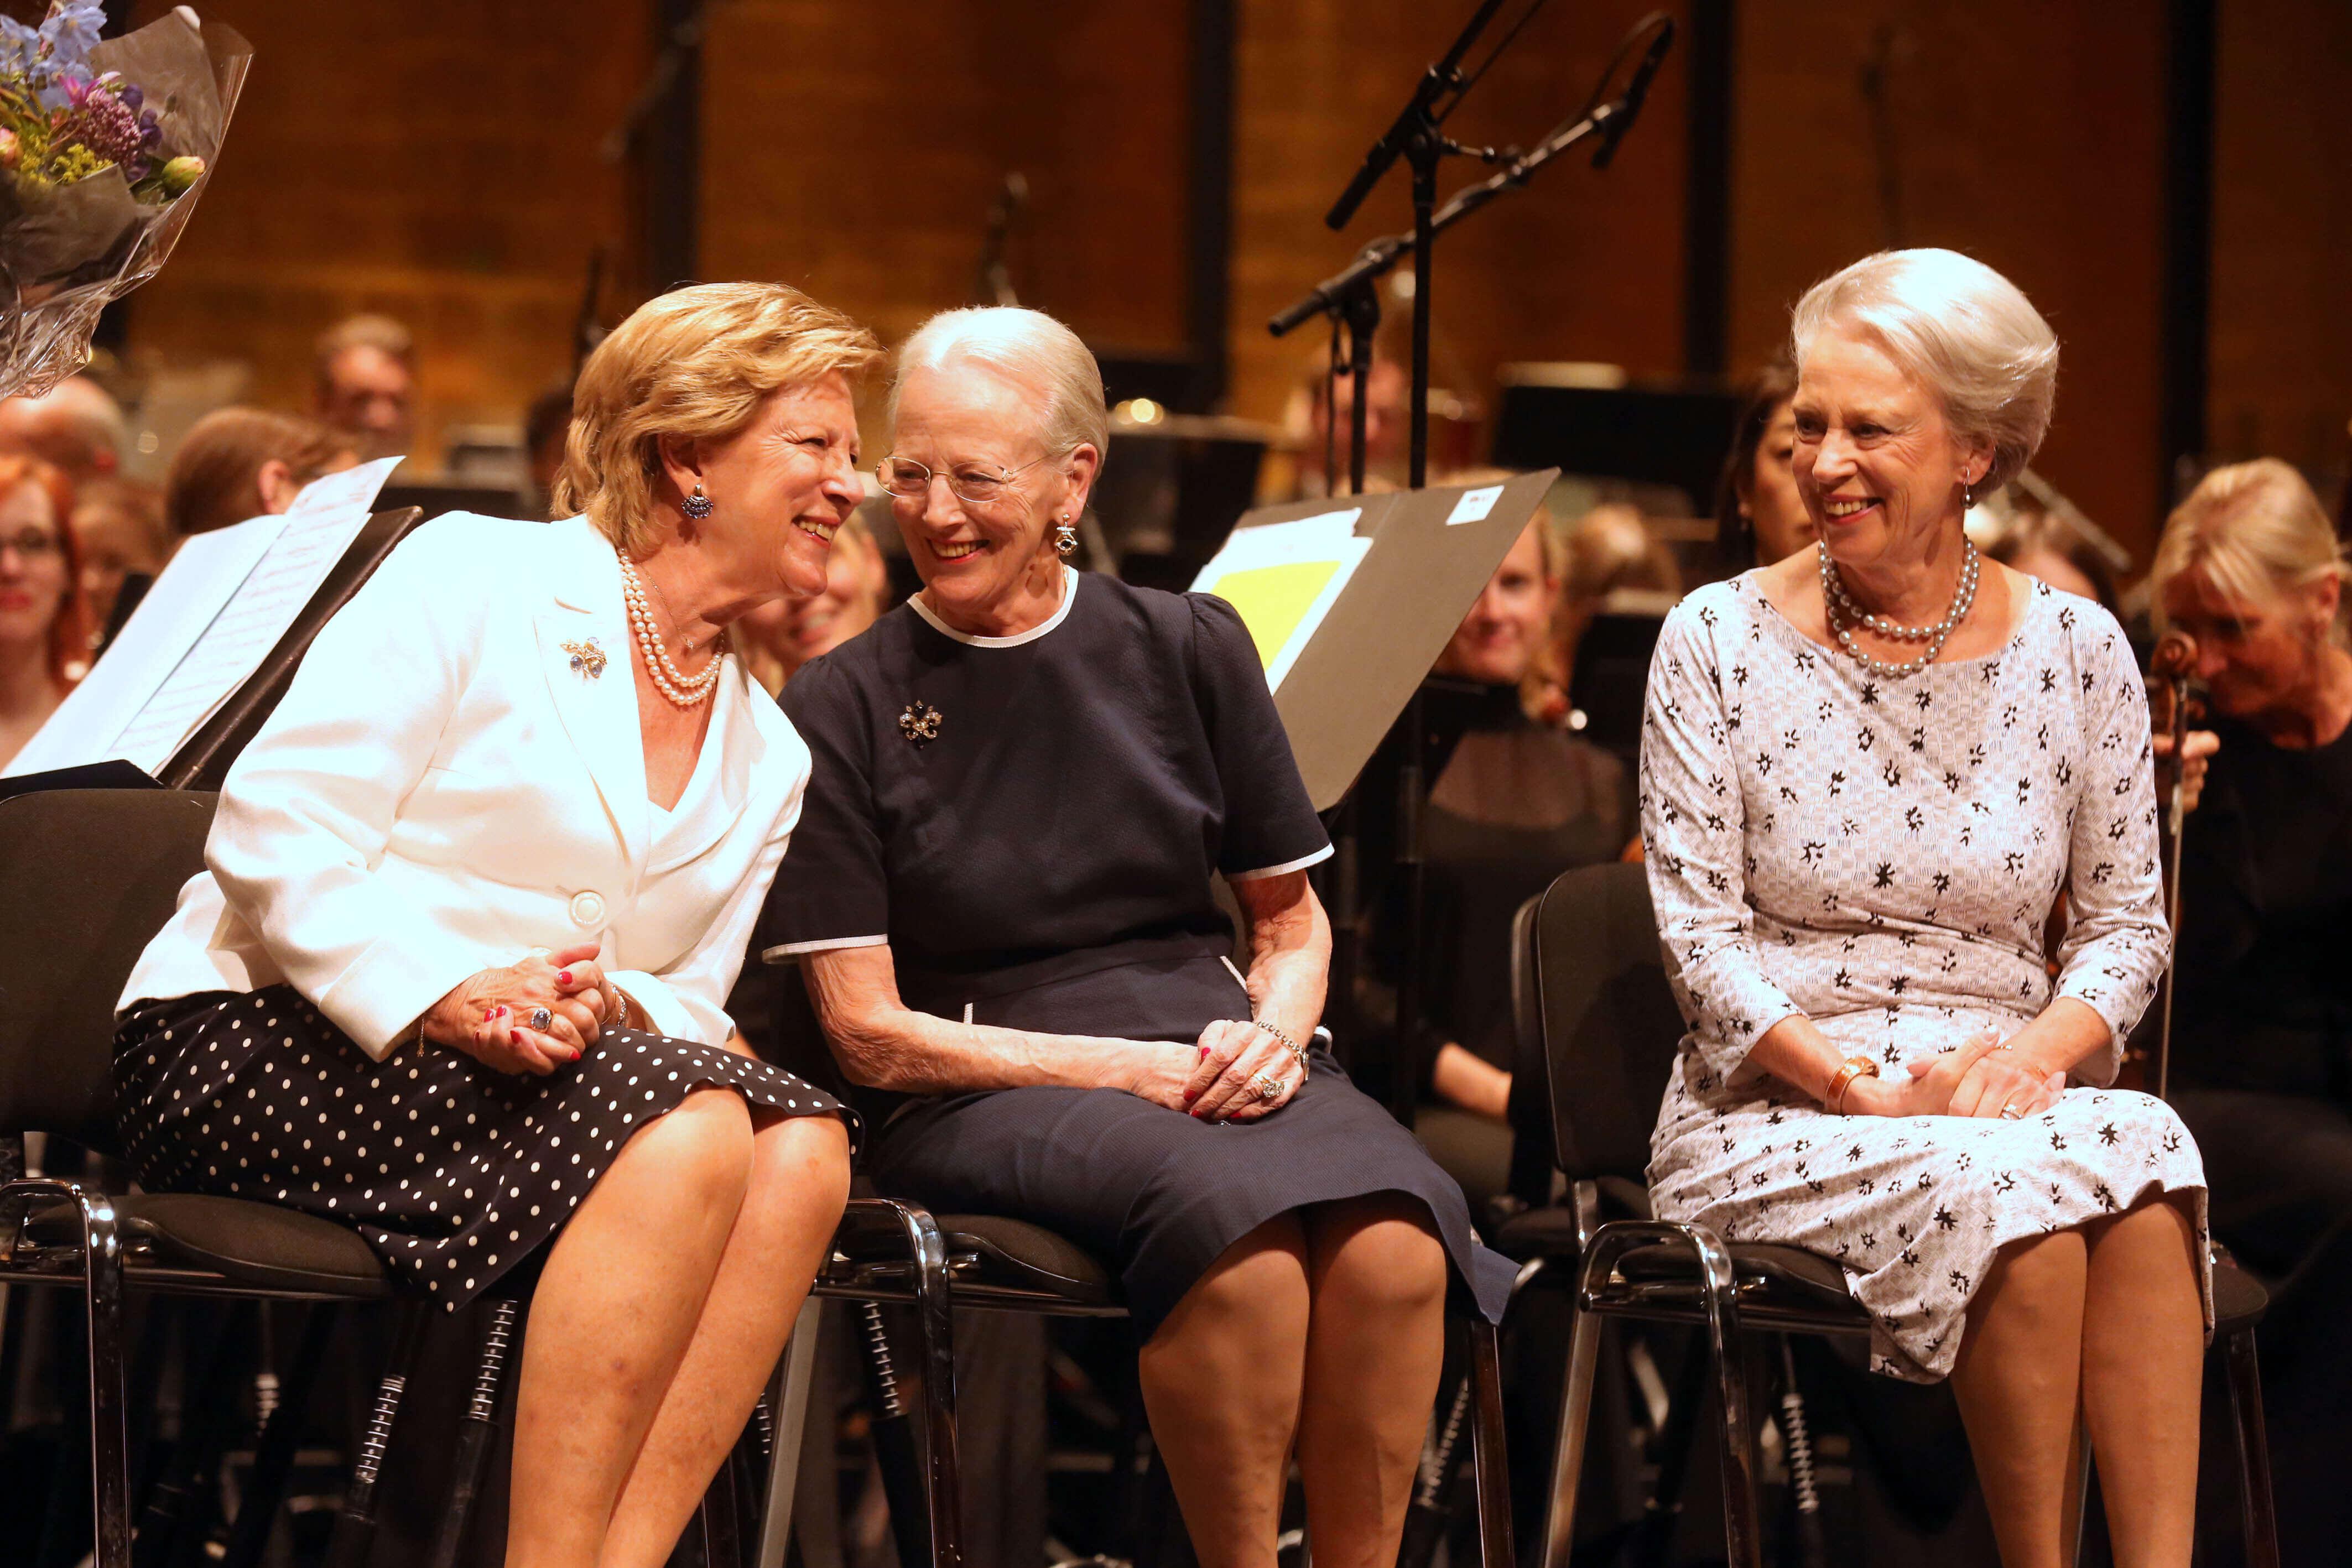 Königin Margrethe: Das sind ihre Schwestern Anne-Marie und Benedikte